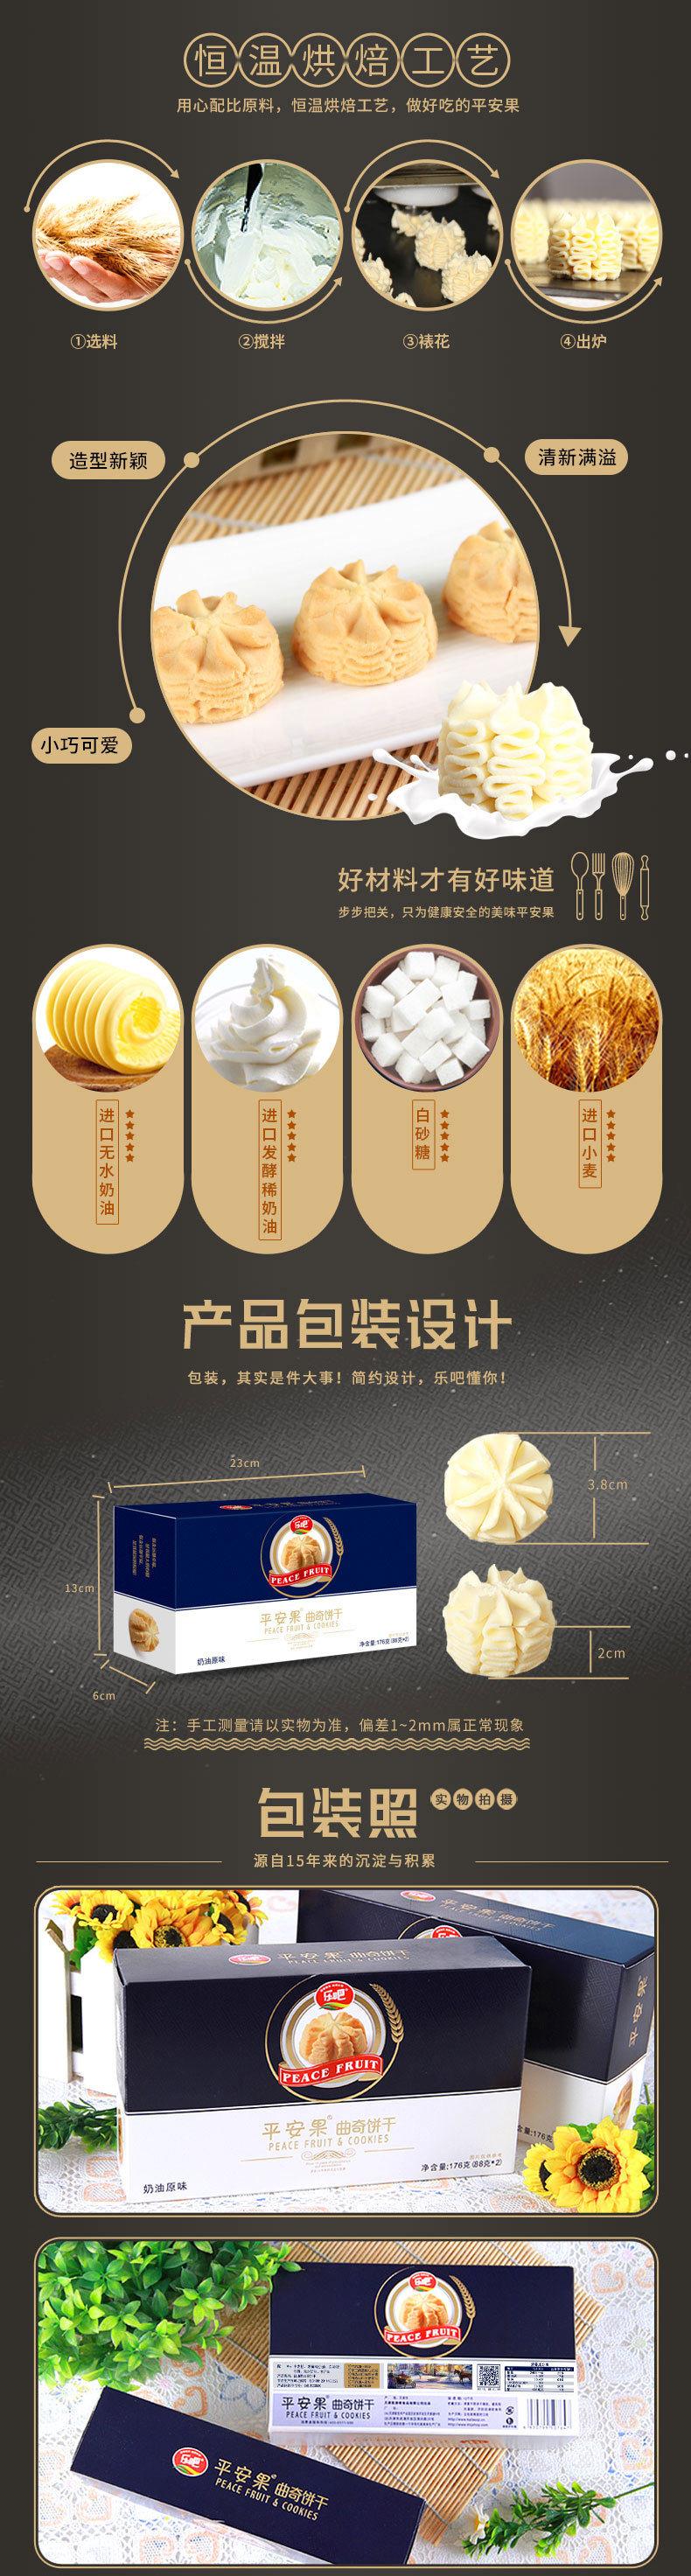 休闲零食 【乐吧曲奇】平安果曲奇饼干手工糕点176g/盒 运费7元 2件包邮